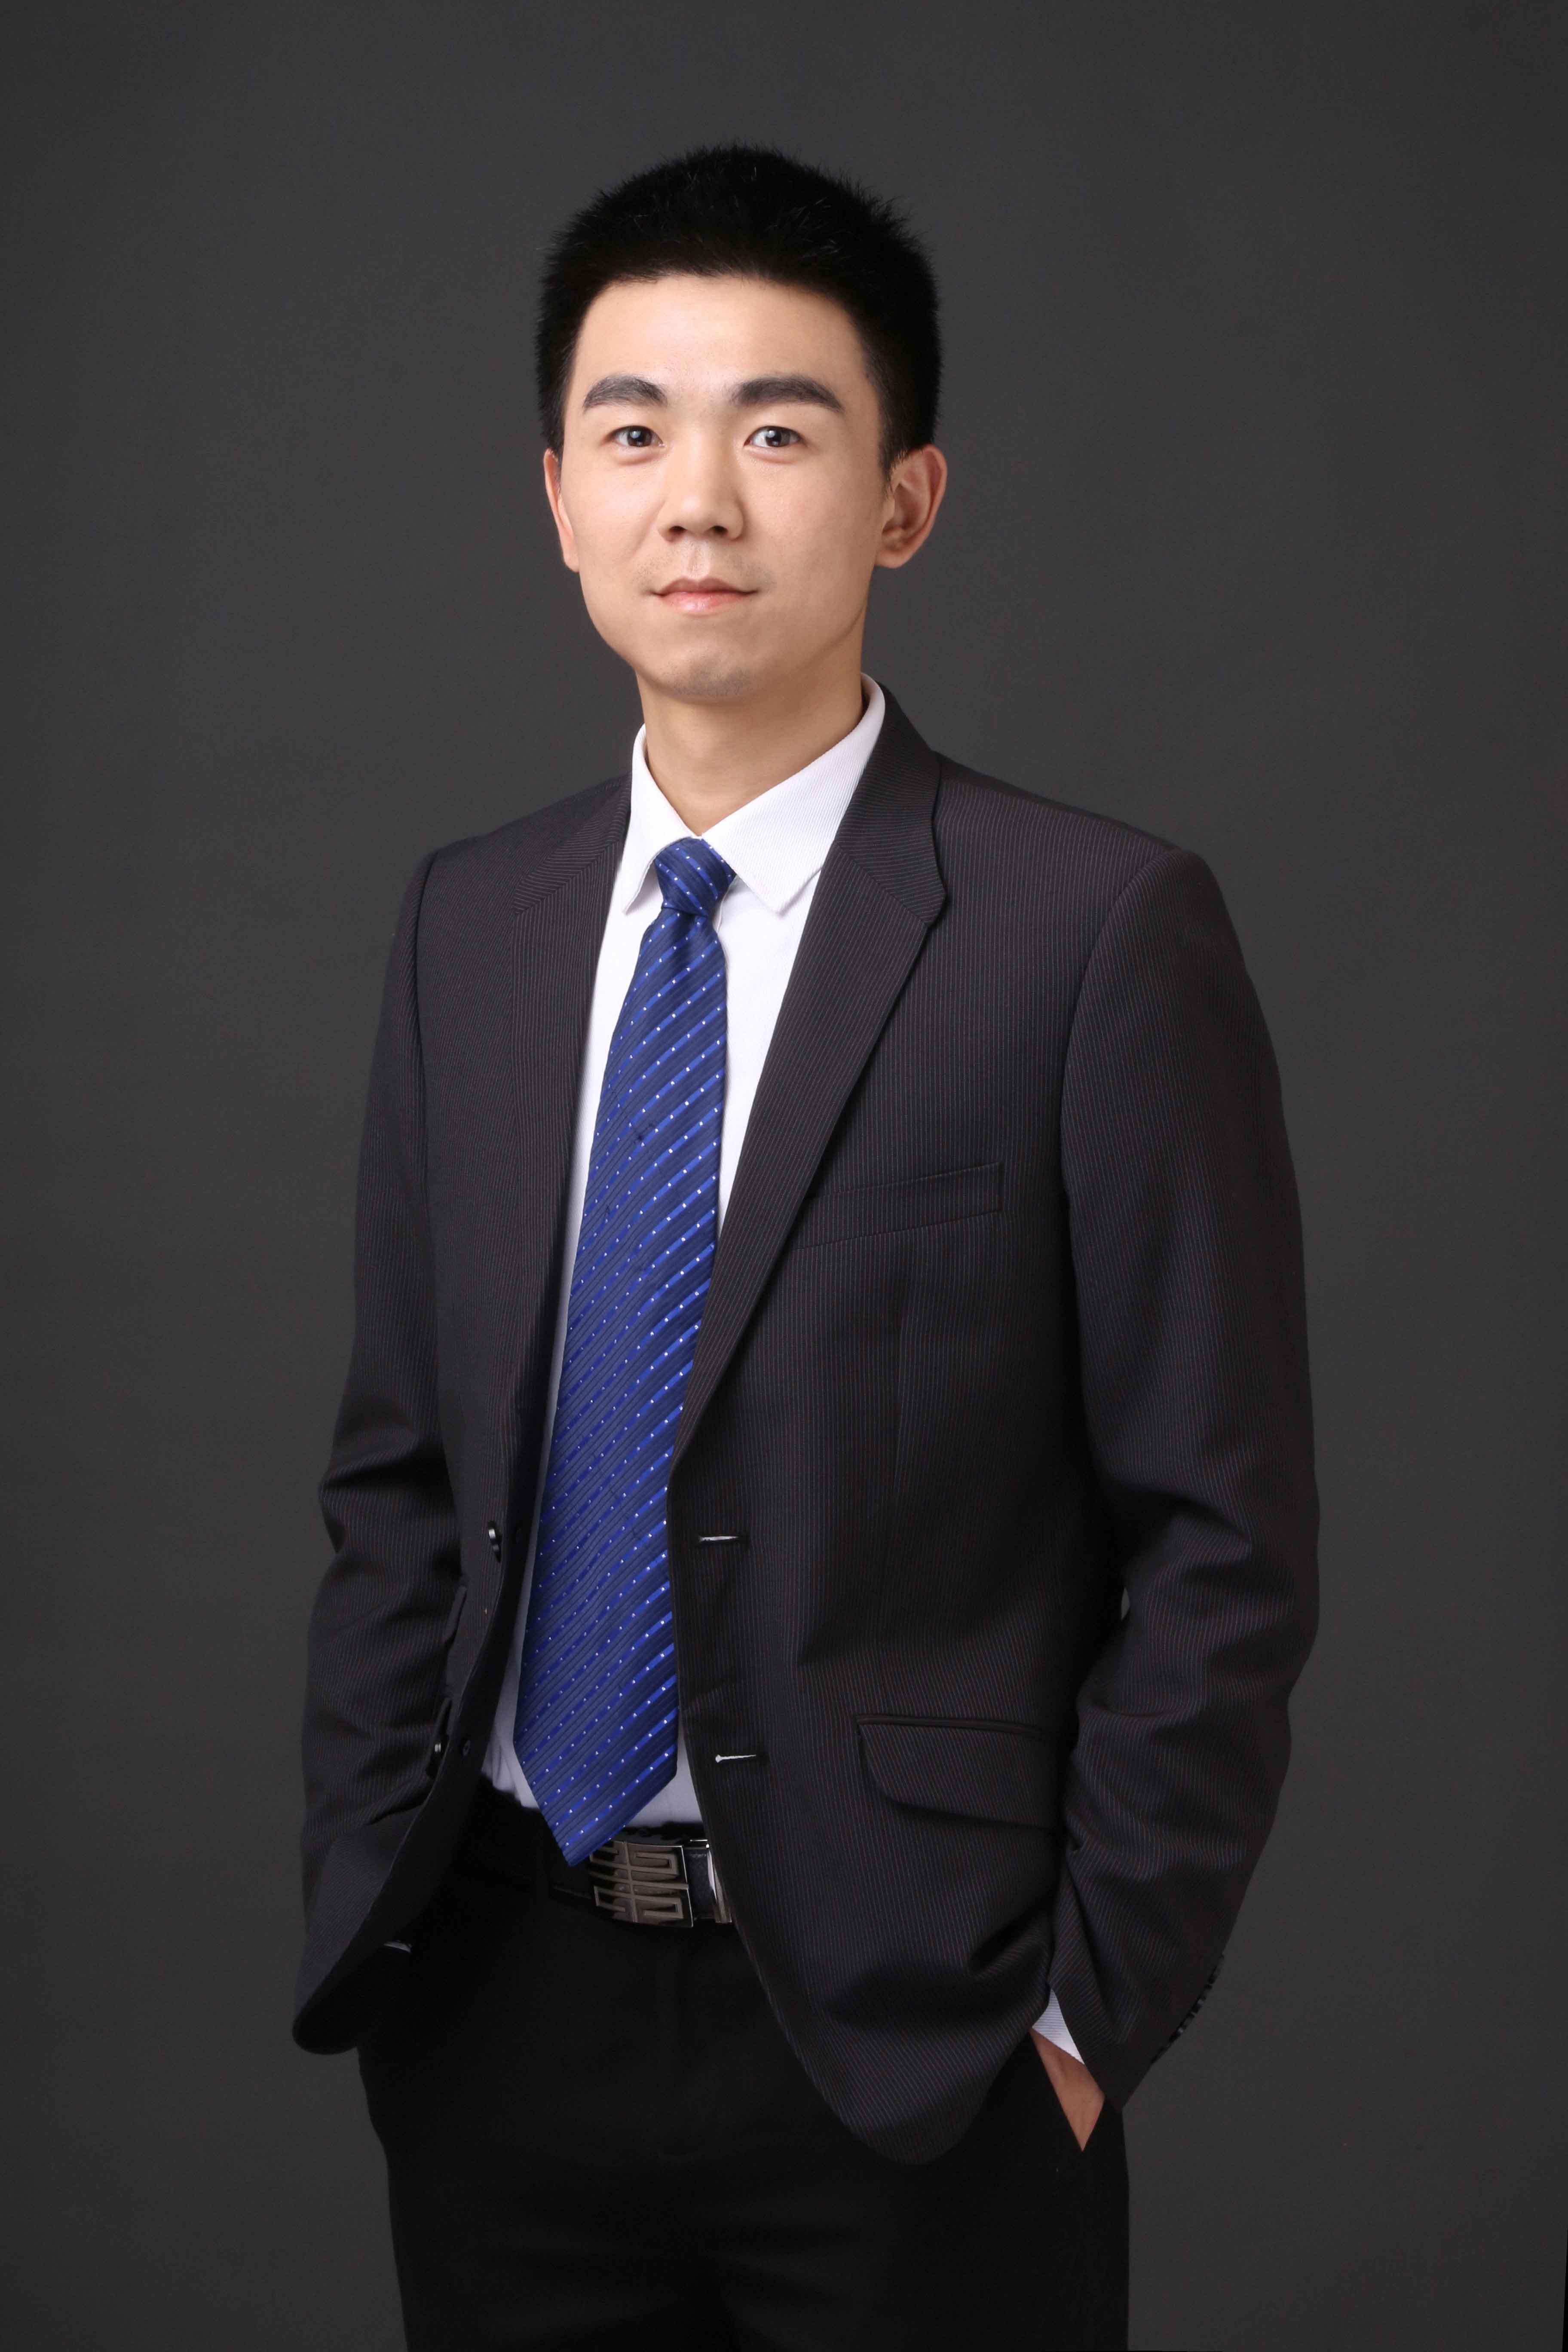 王帅锋_河南律师_河南律师事务所